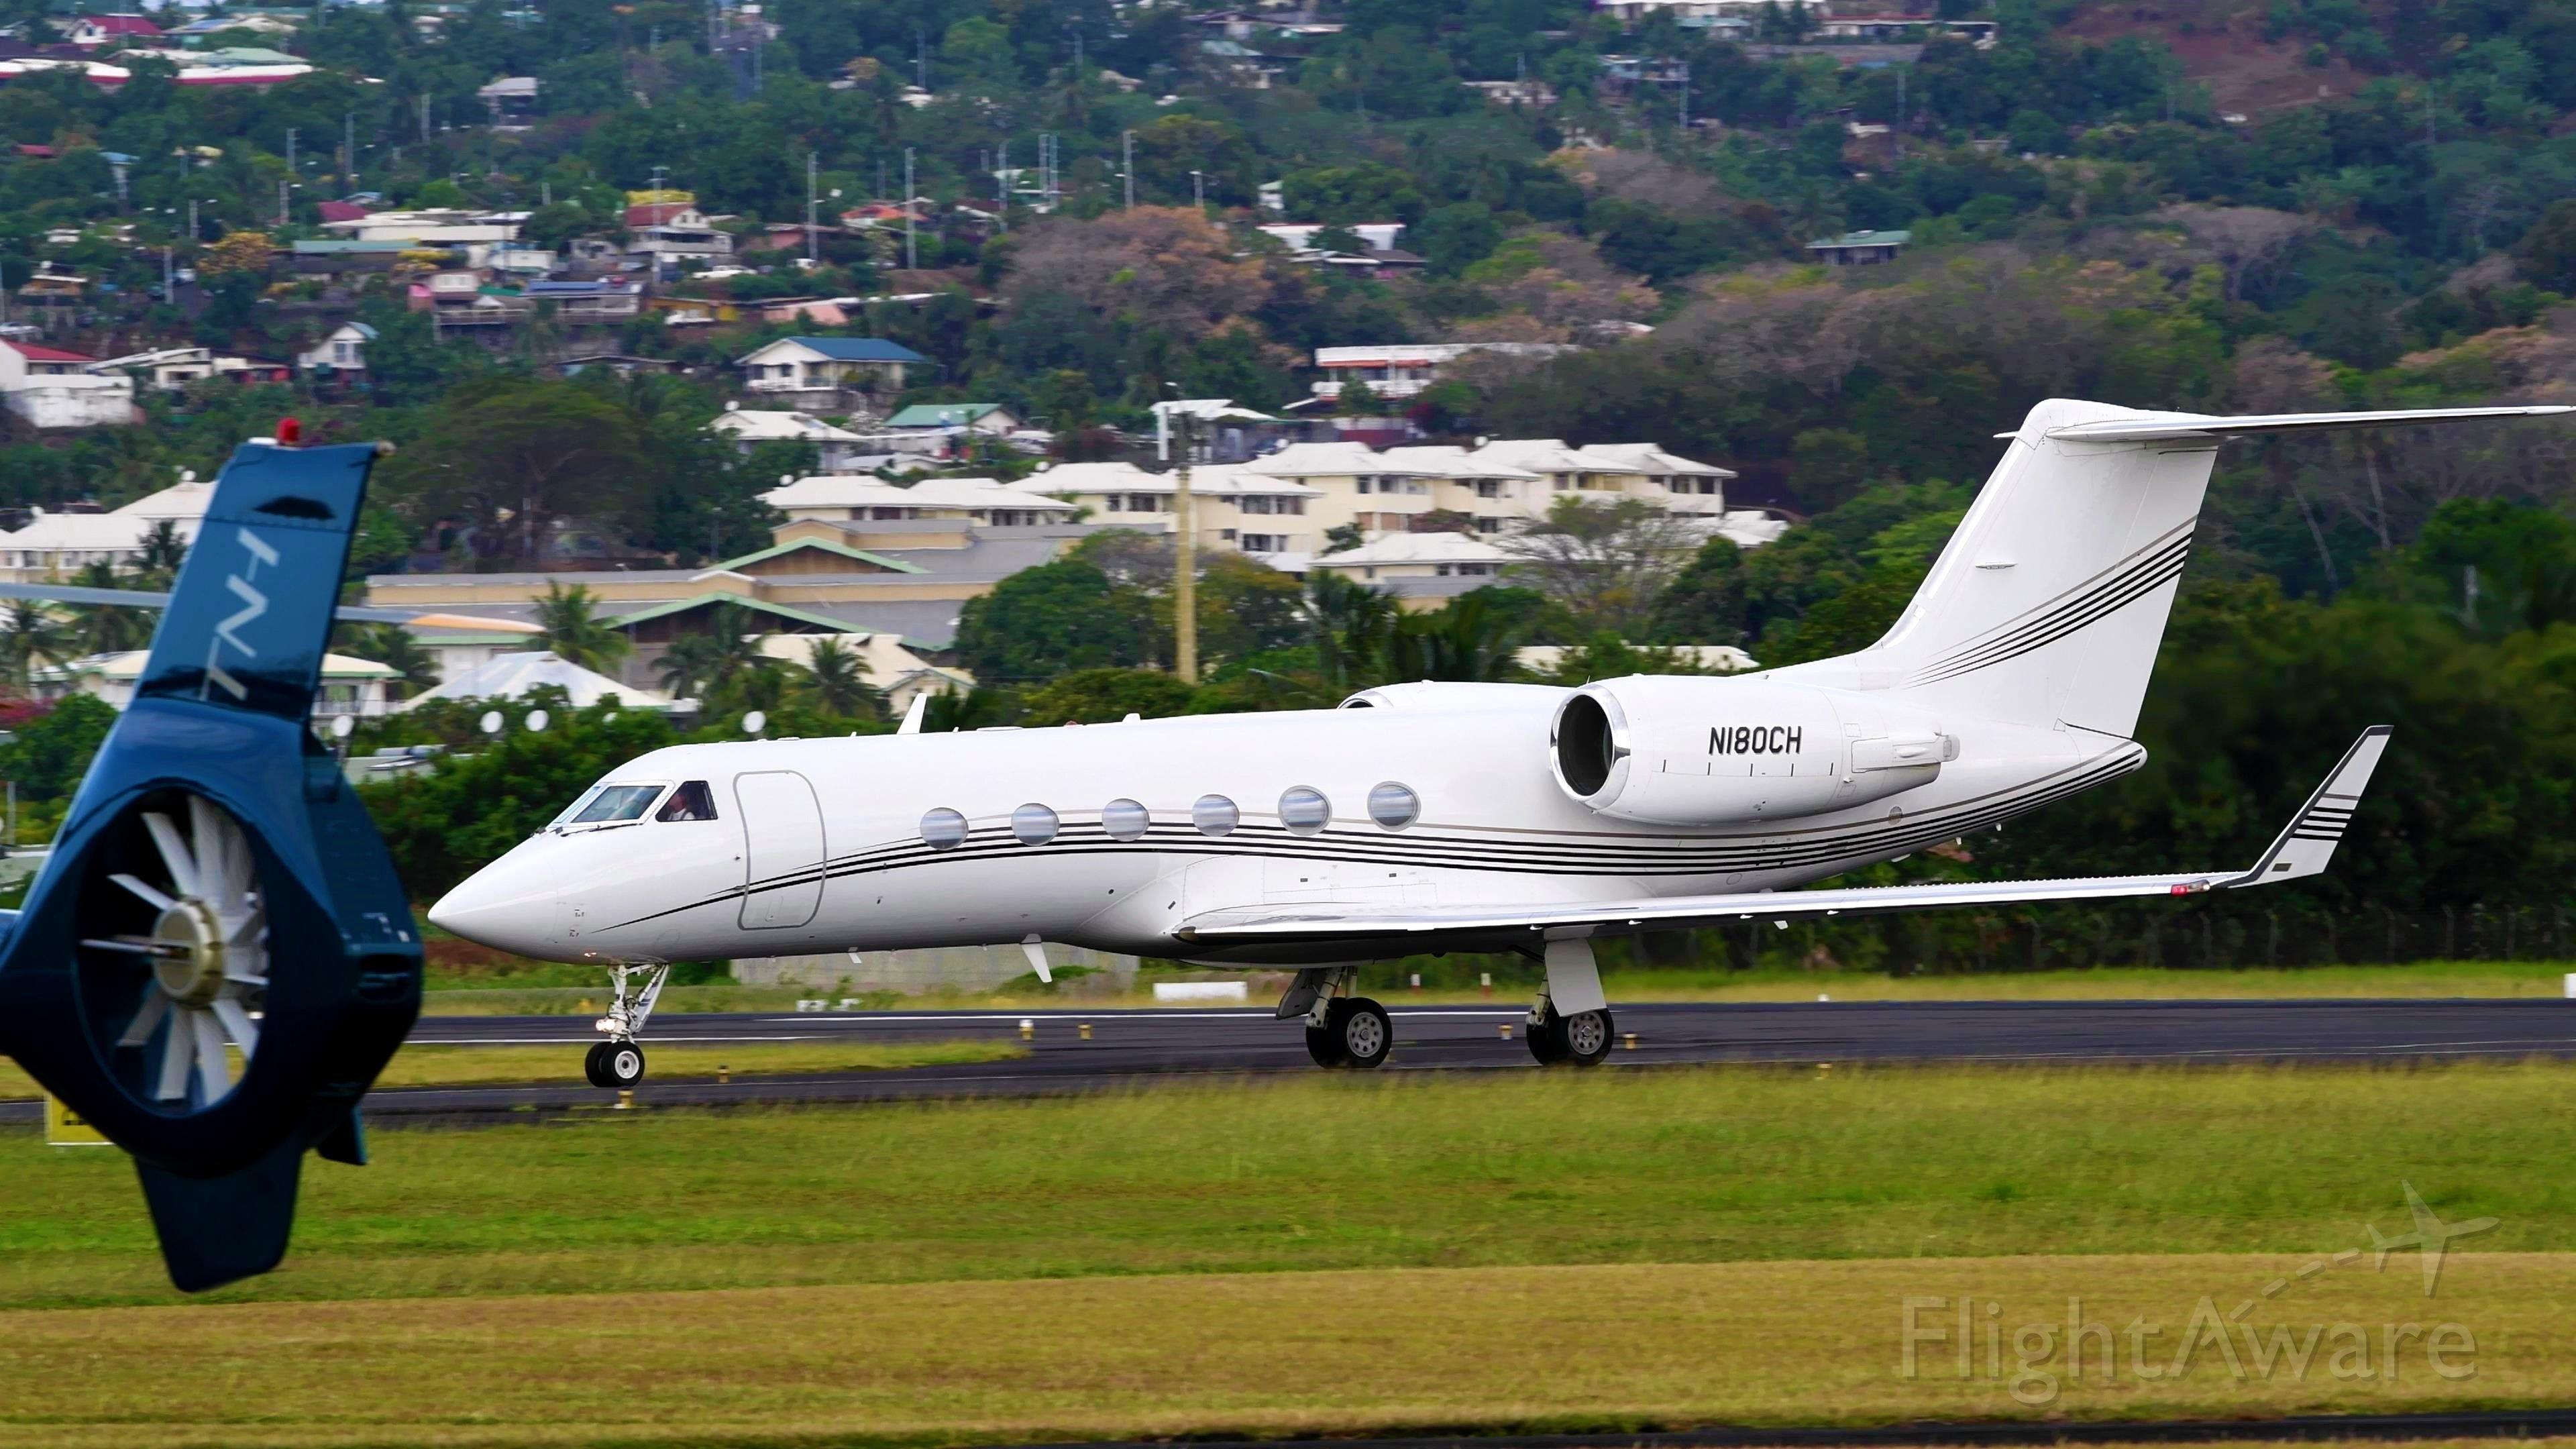 Gulfstream Aerospace Gulfstream IV (N180CH)